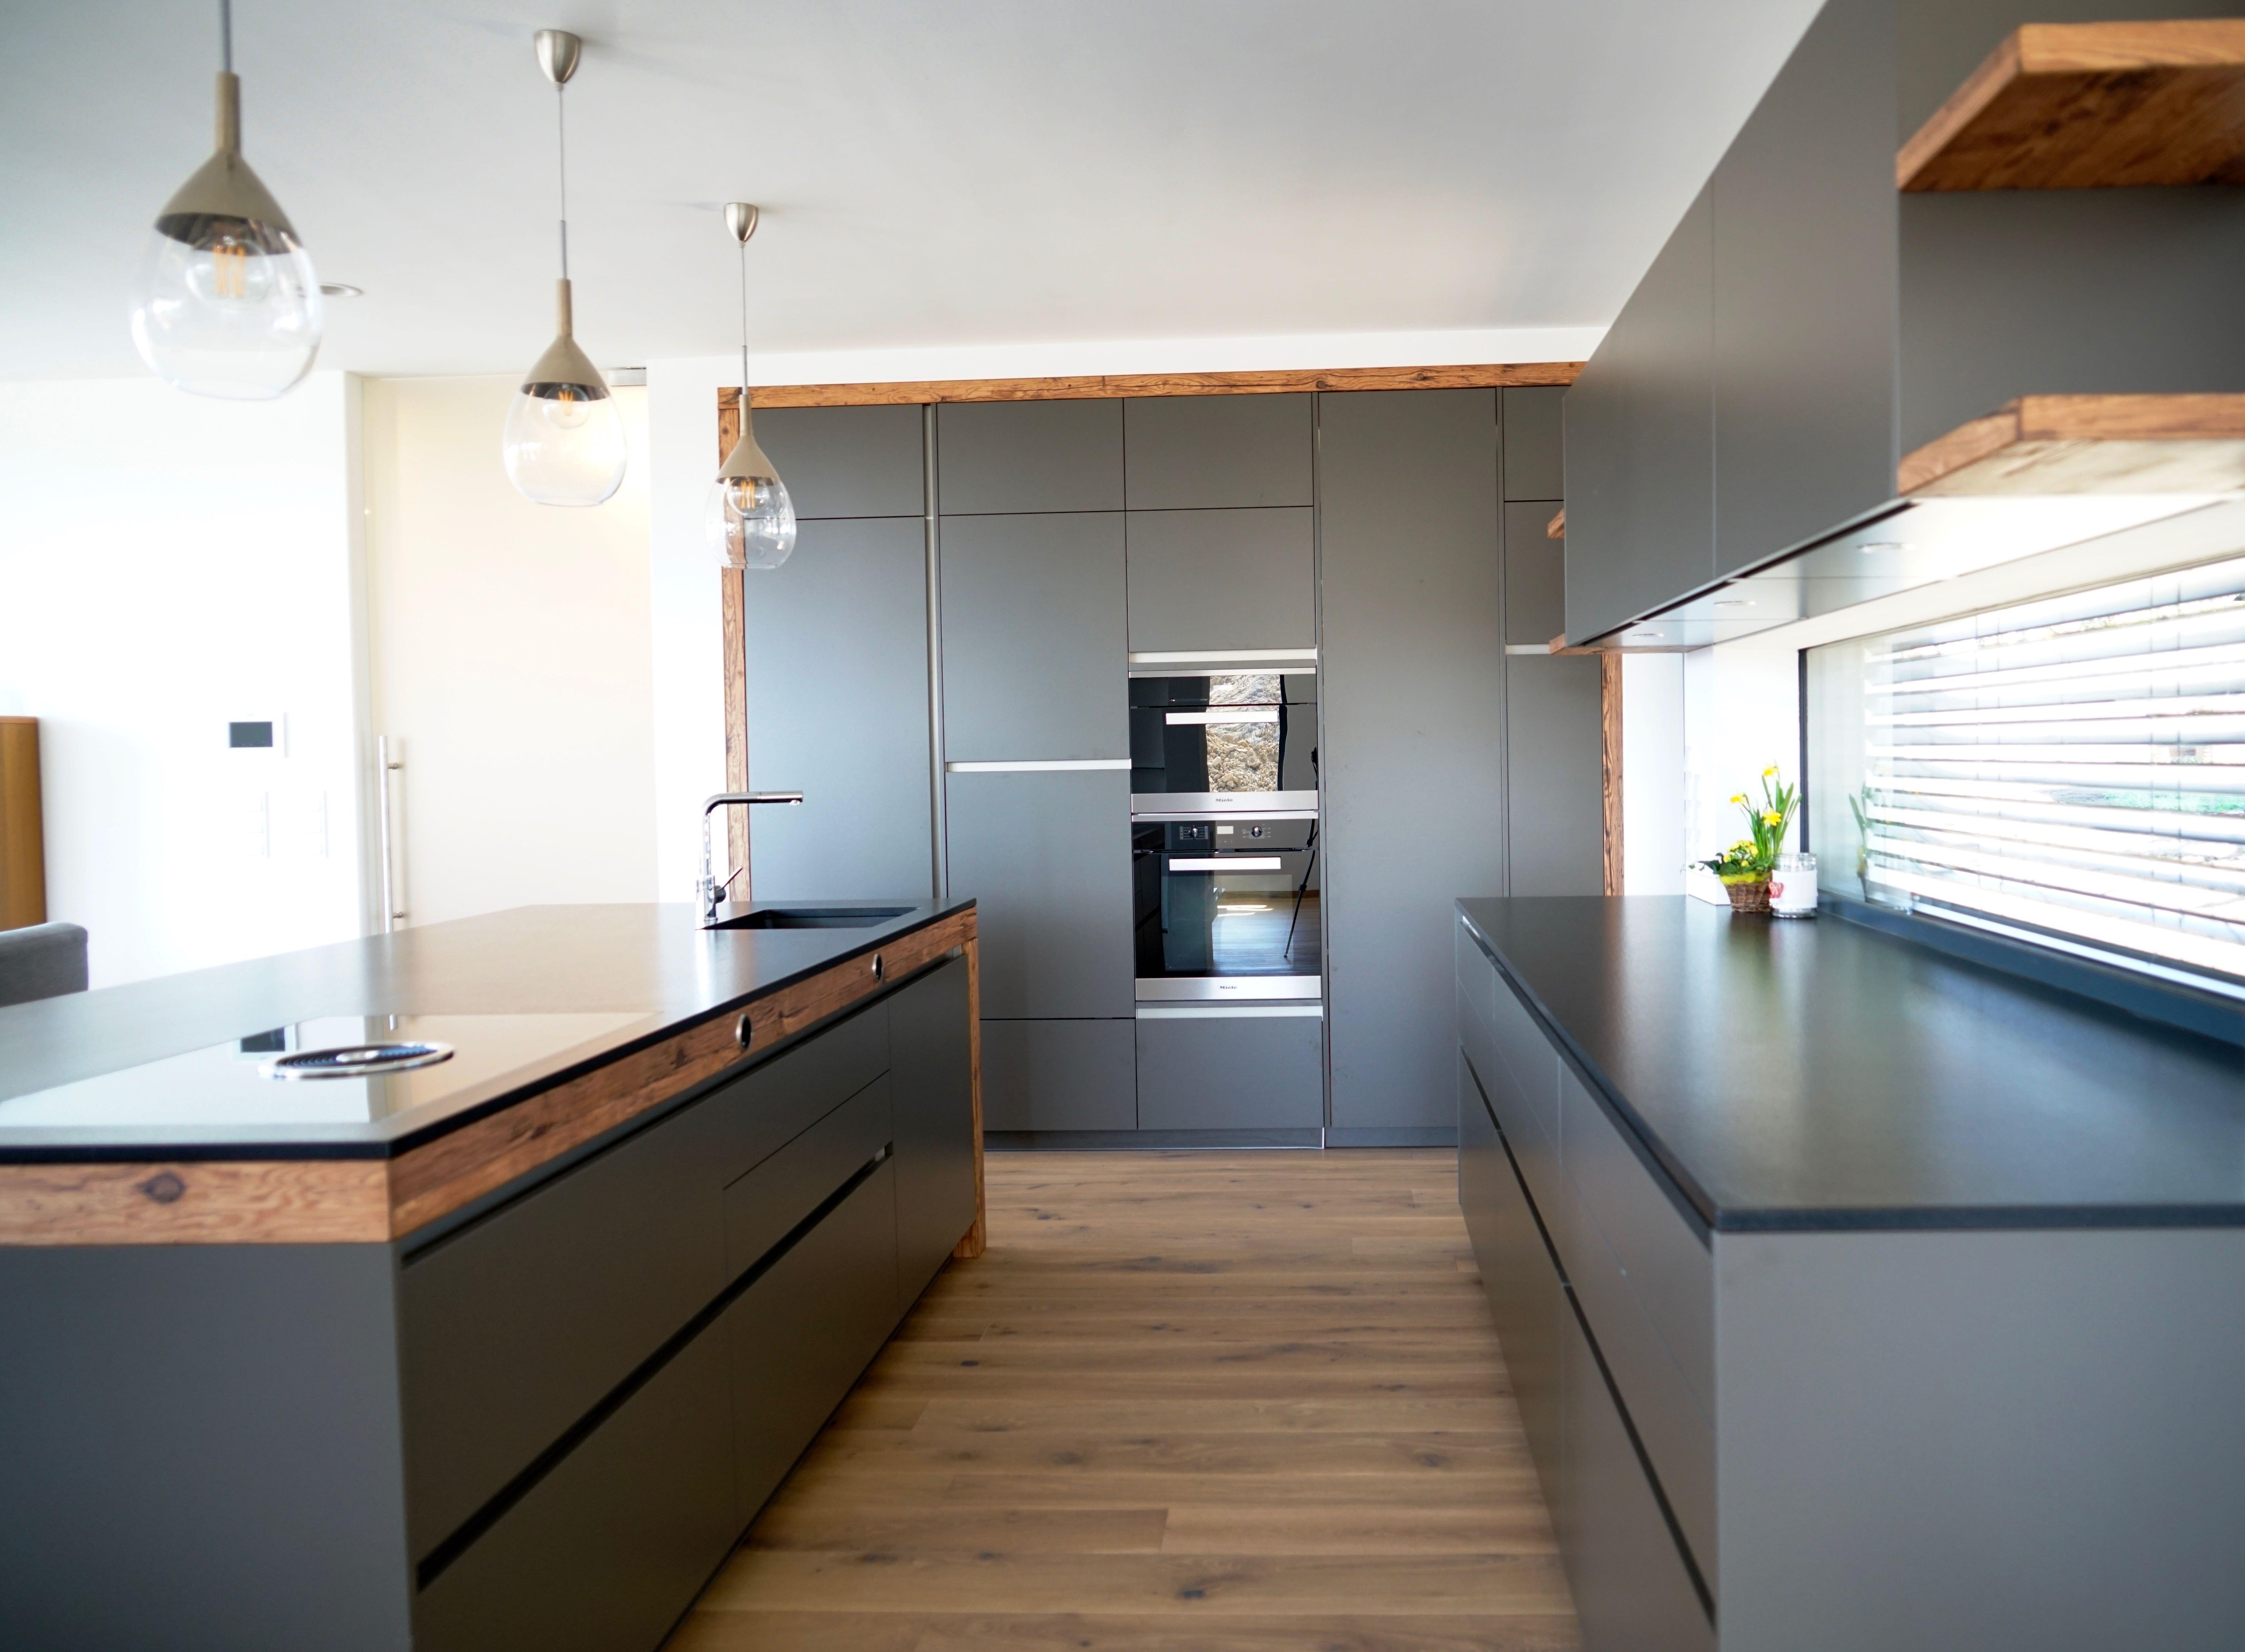 altholzküche in 2020 | moderne küche, küchen planung